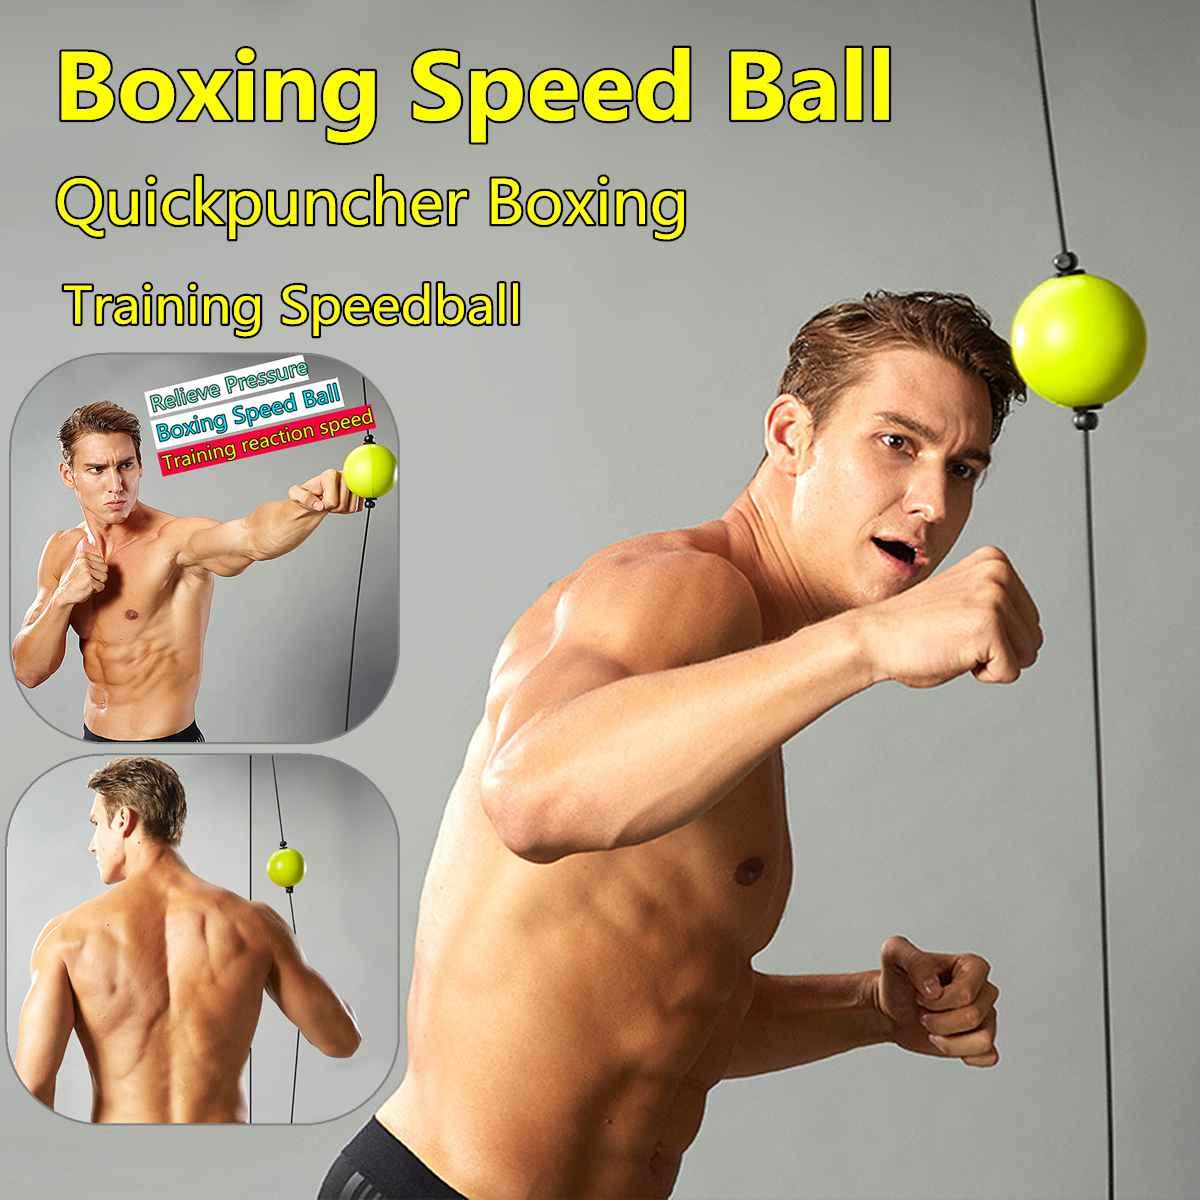 Boxe rápido puncher velocidade bolas de boxe